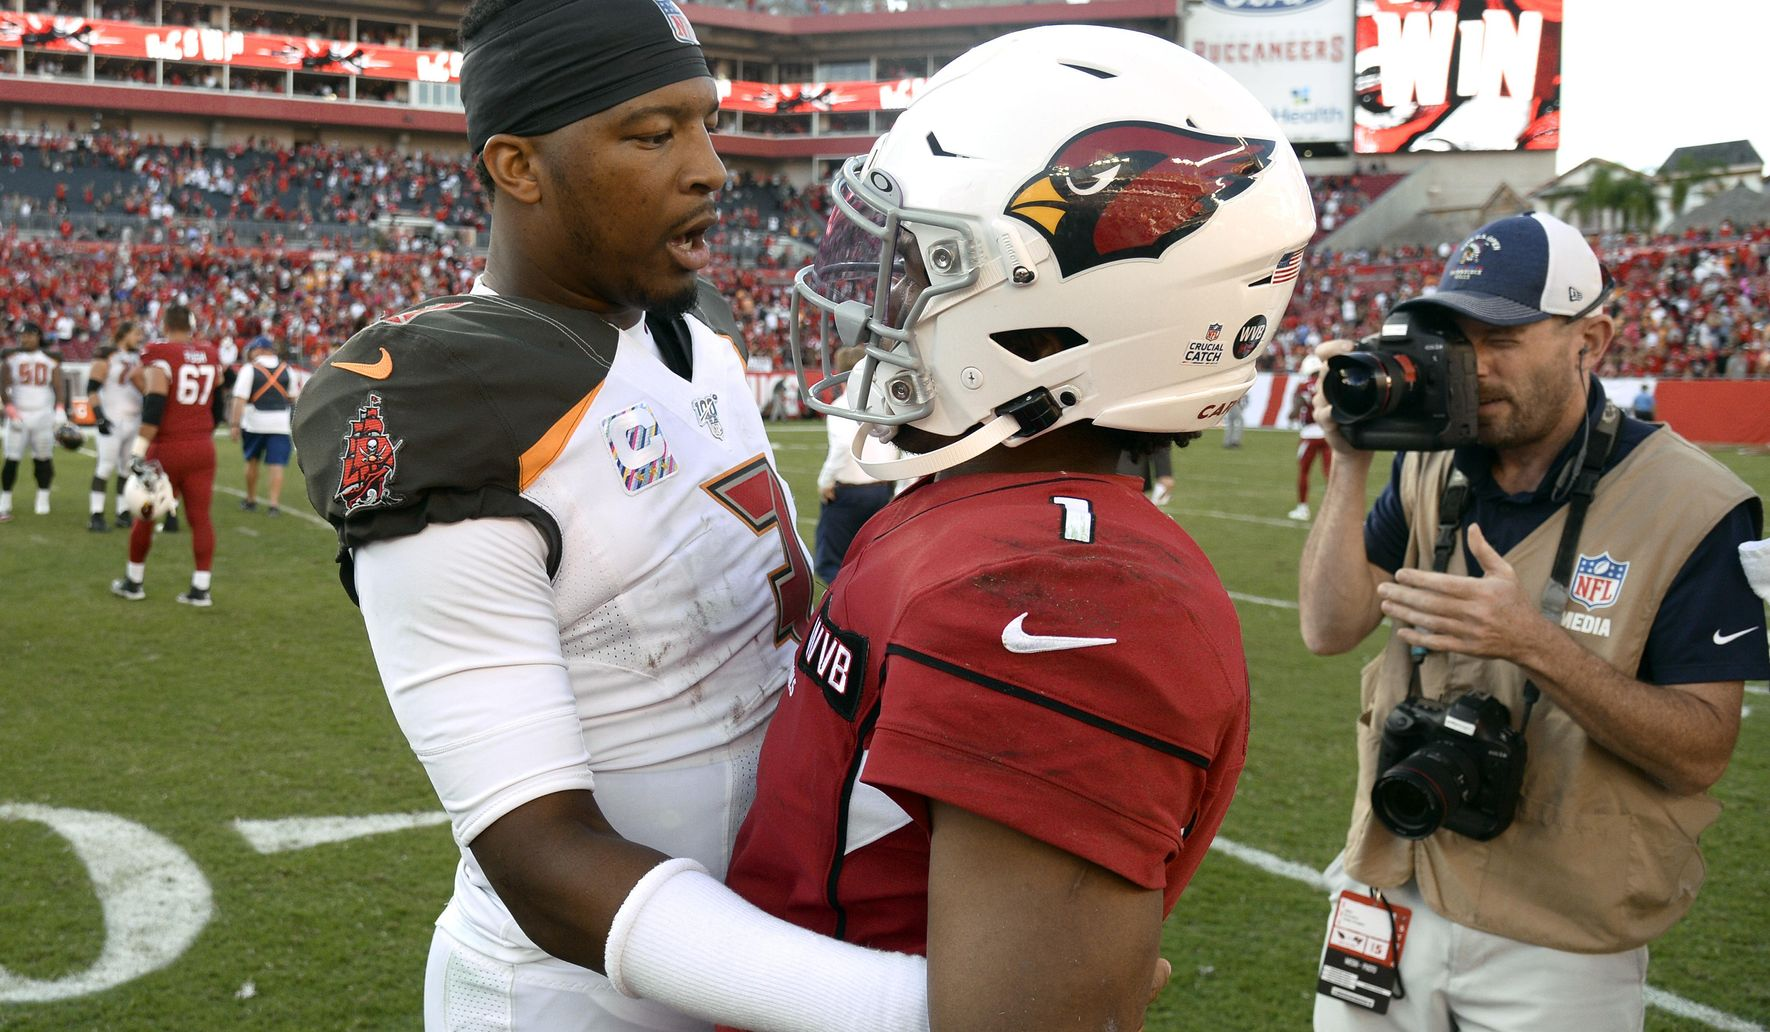 Cardinals_buccaneers_football_45441_c0-300-4200-2748_s1770x1032